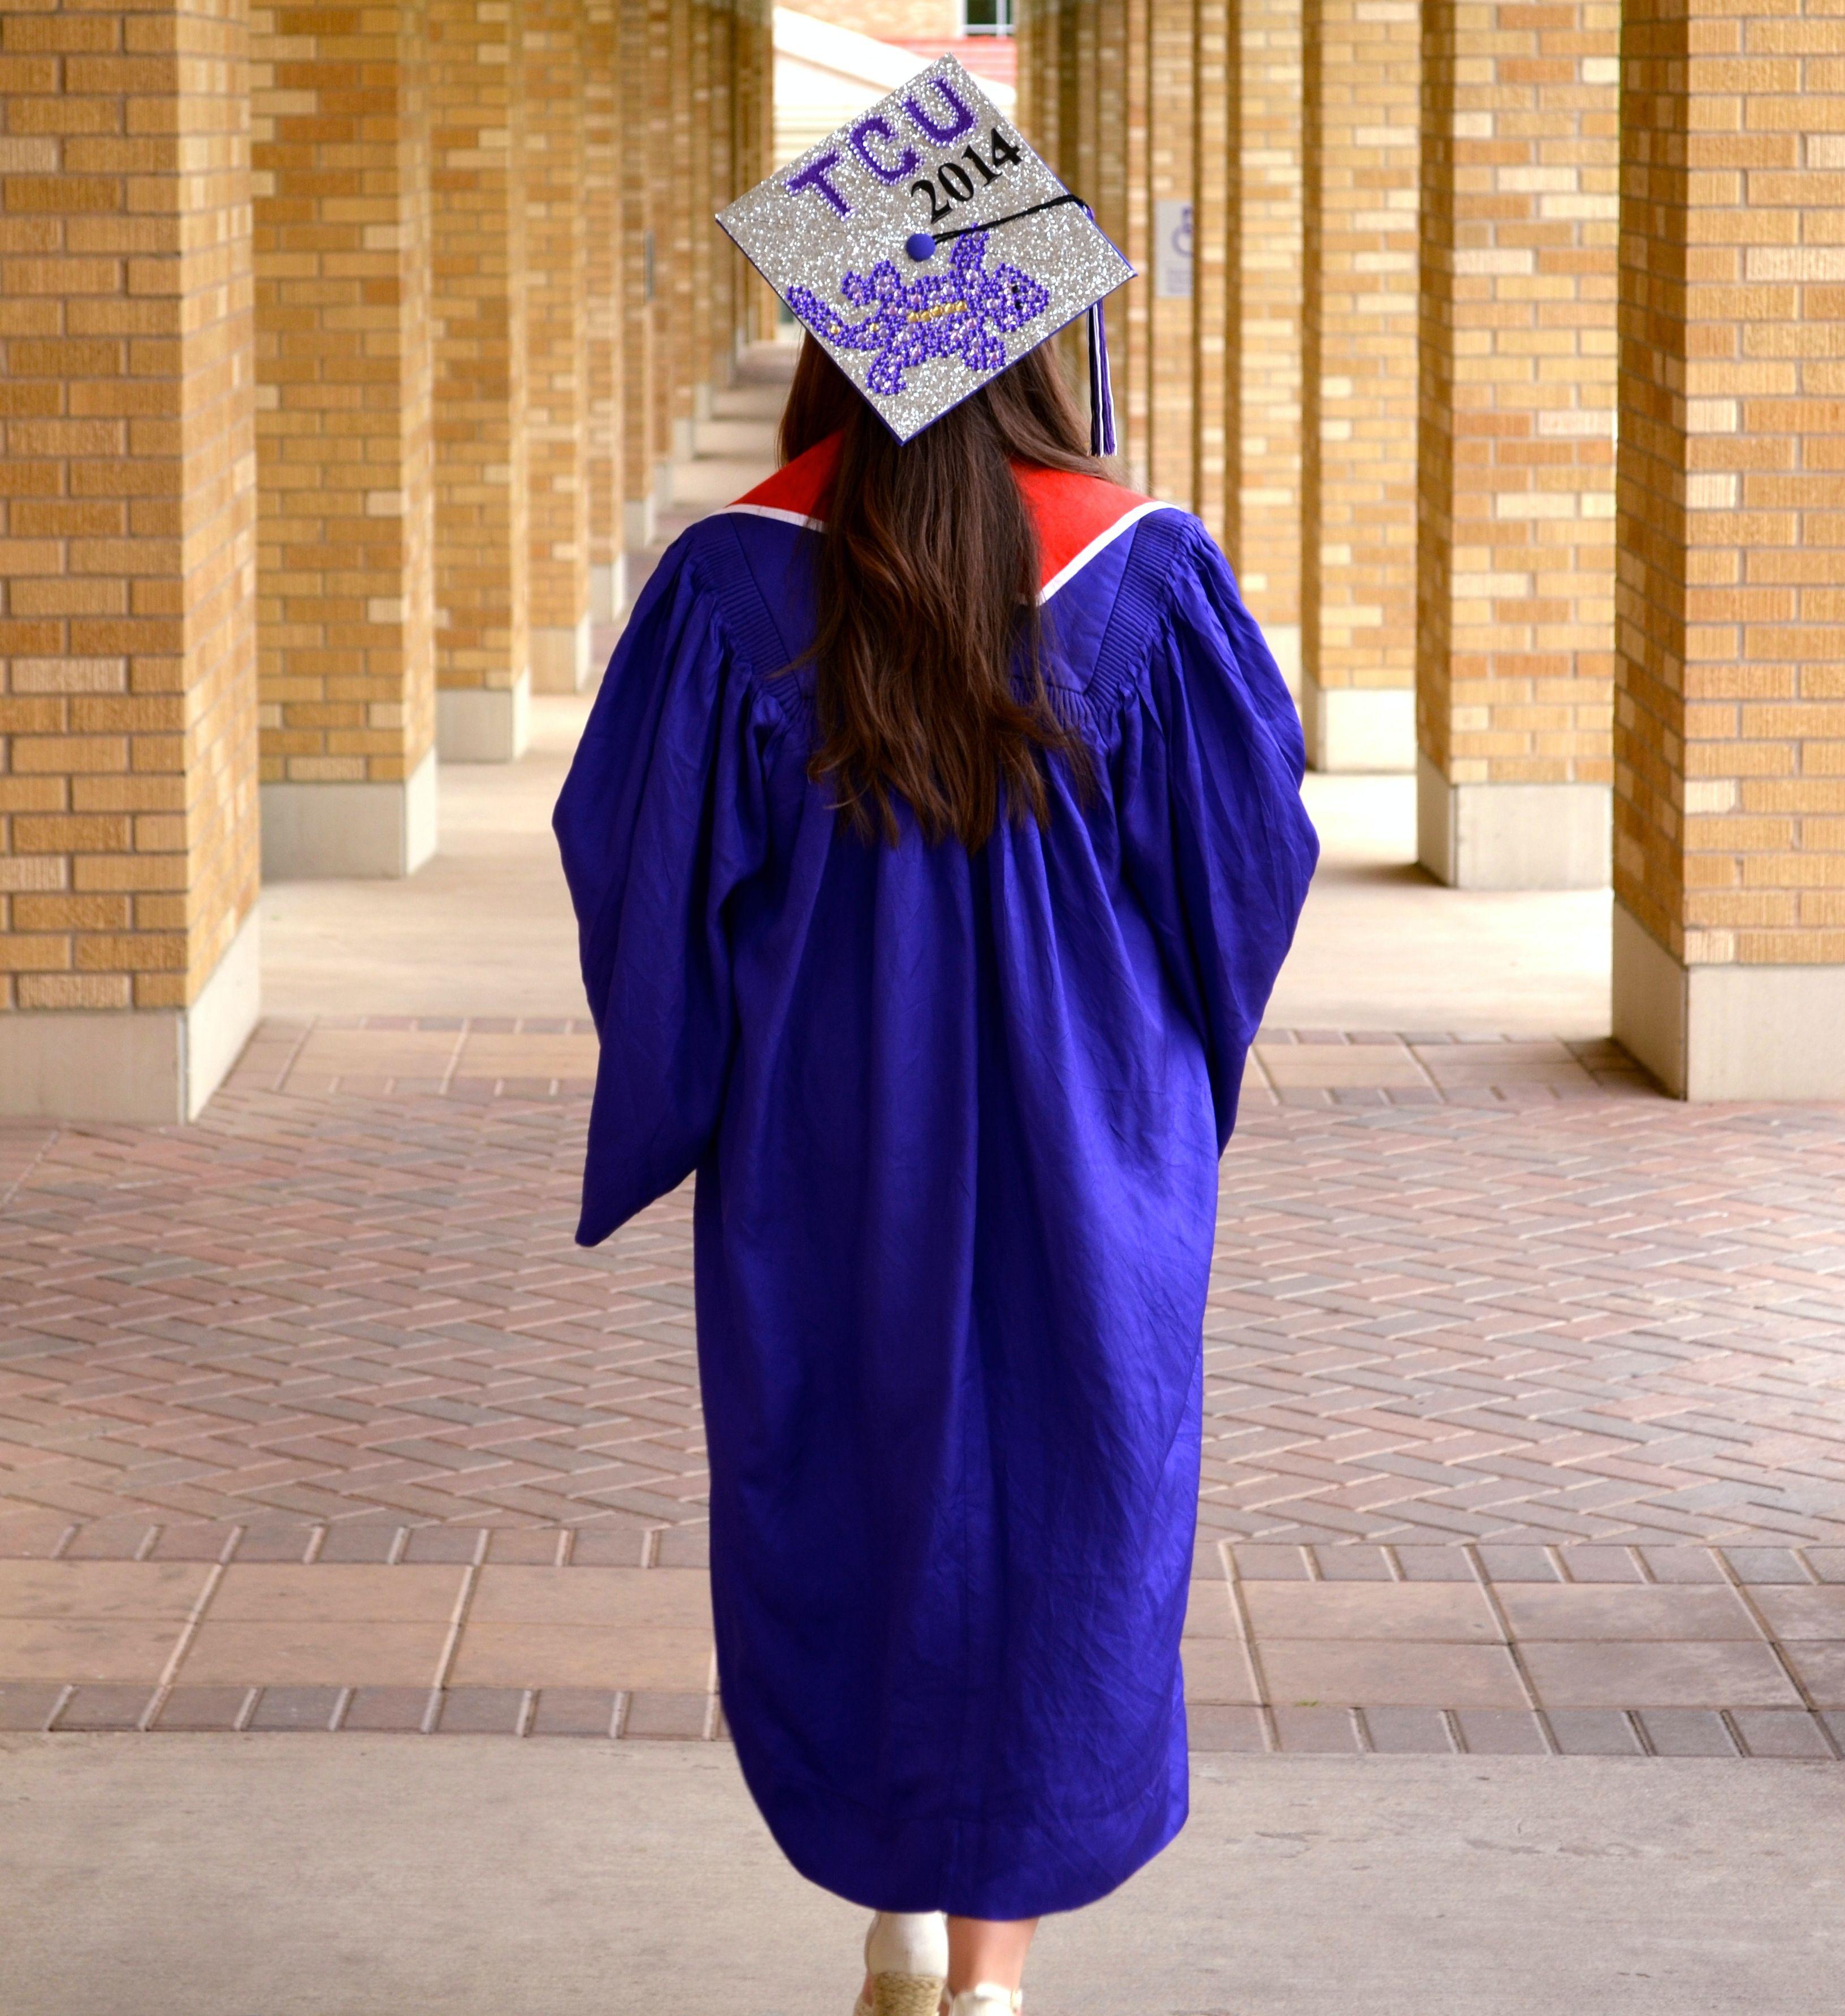 Tcu Graduation 2020.Tcu Grad Cap Grad C A P S Grad Cap Graduation Senior Year